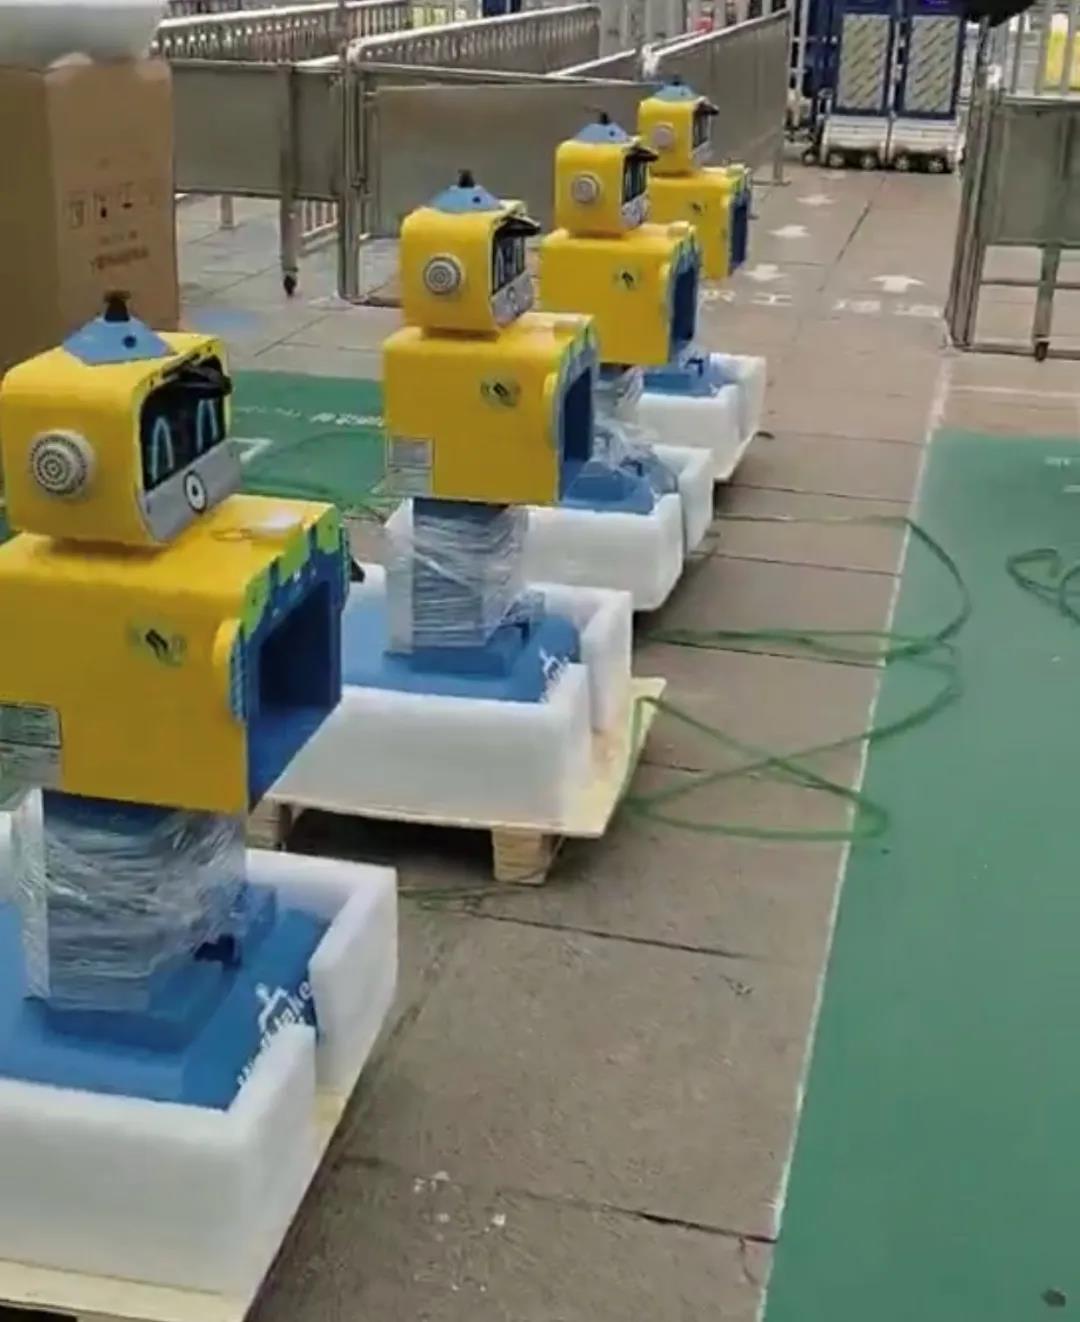 晨检机器人使用案例-沃柯雷克晨检机器人使用案例